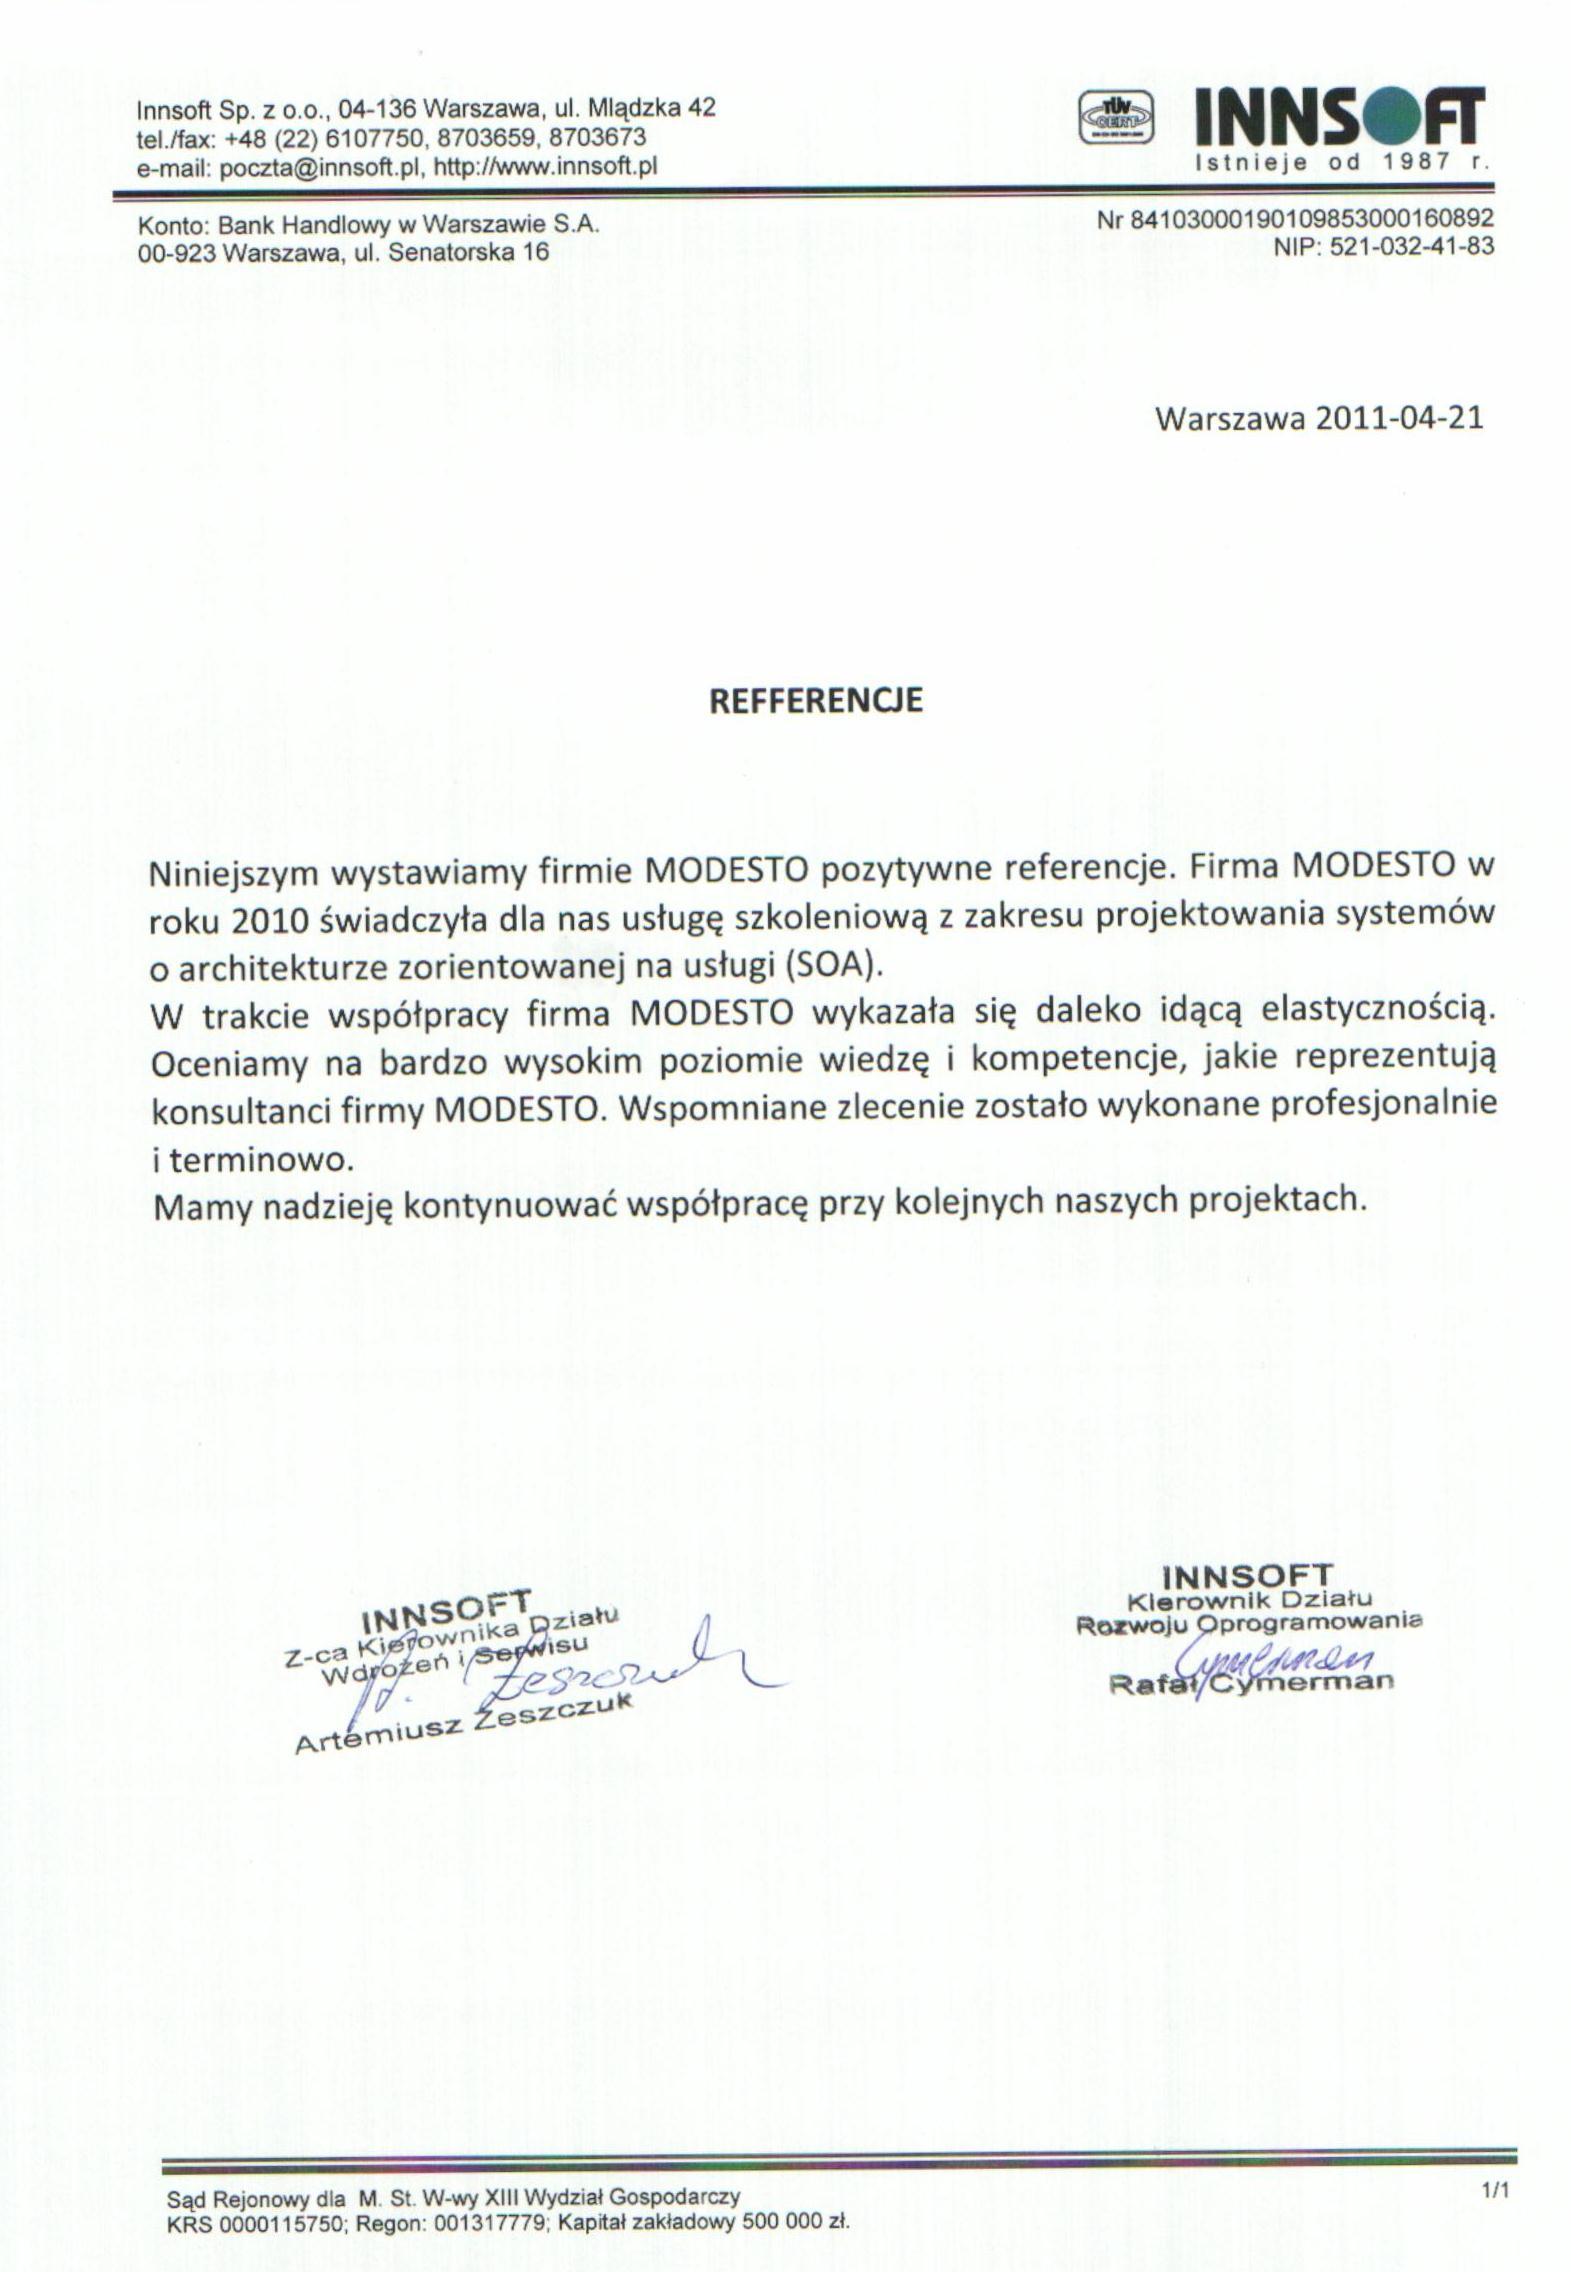 Intertrading systems technology mazowsze sp. z o.o